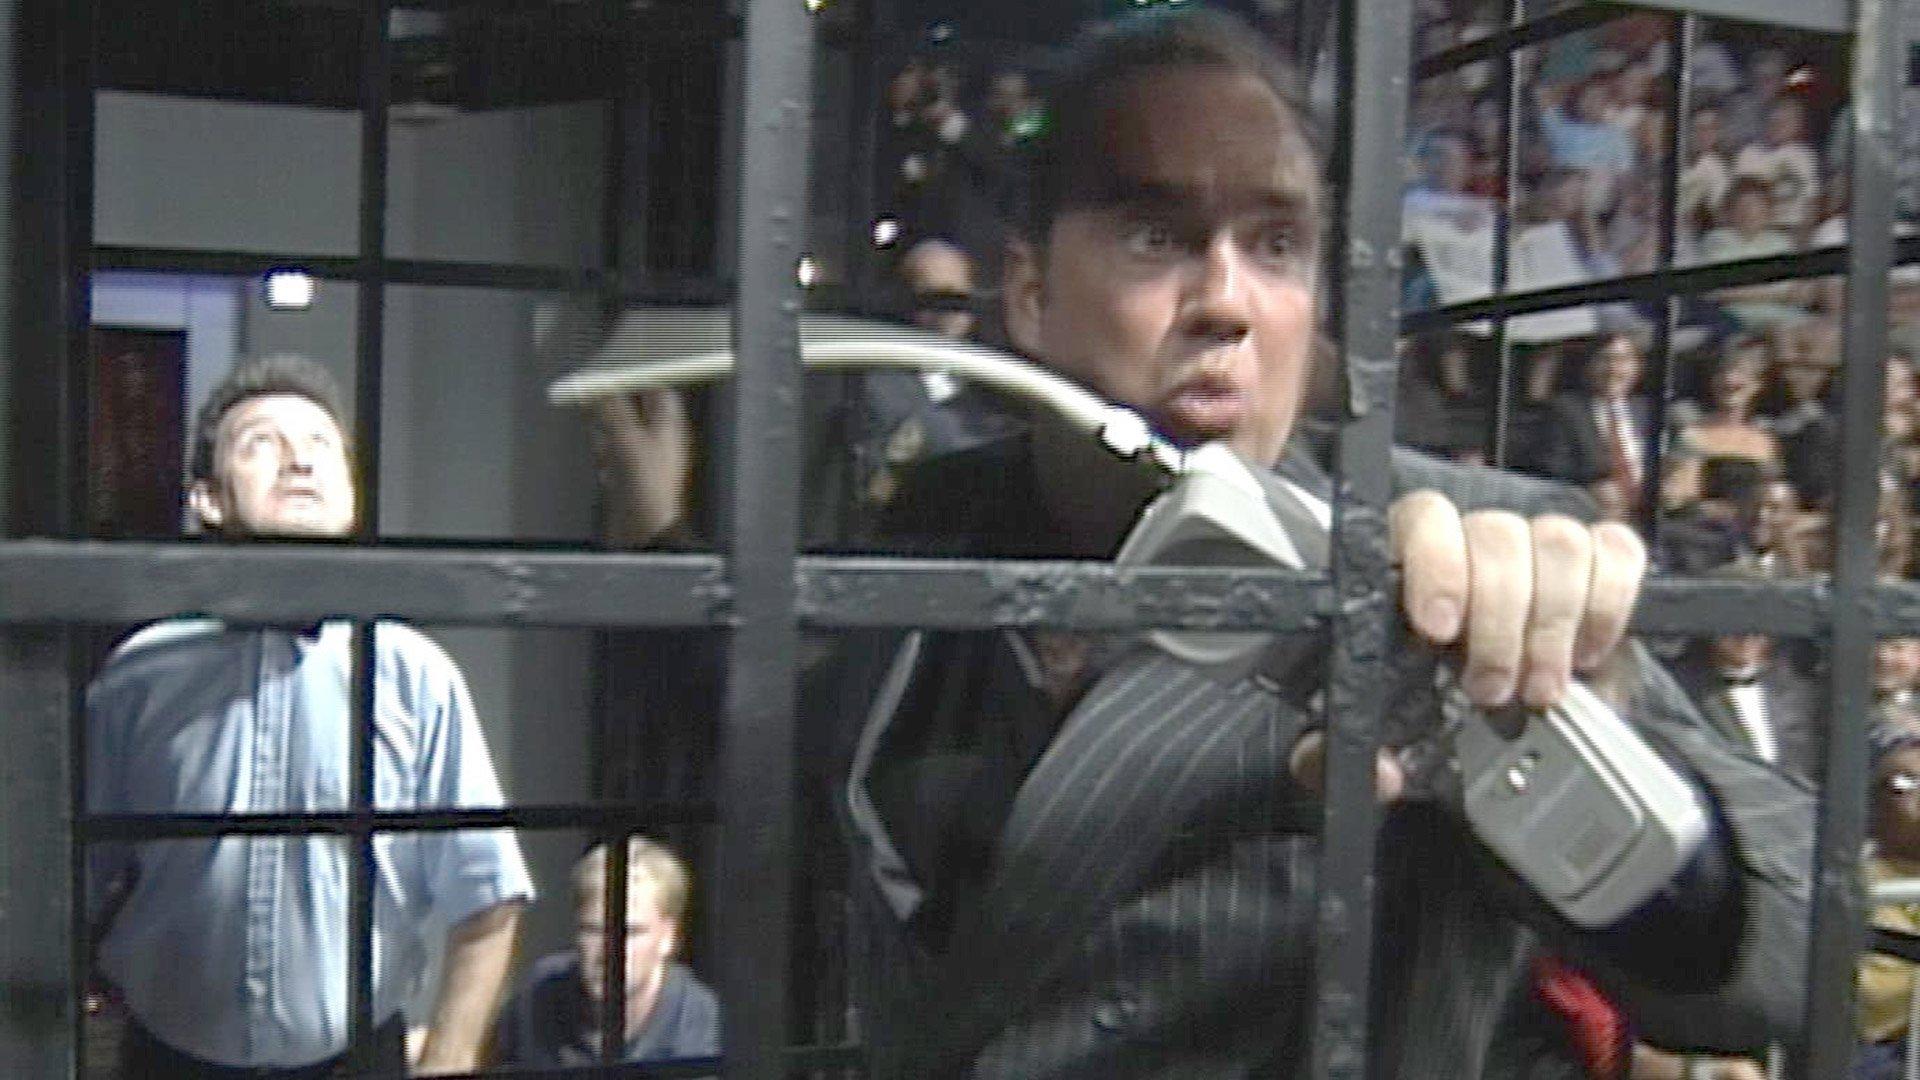 Managers enfermés dans des cages